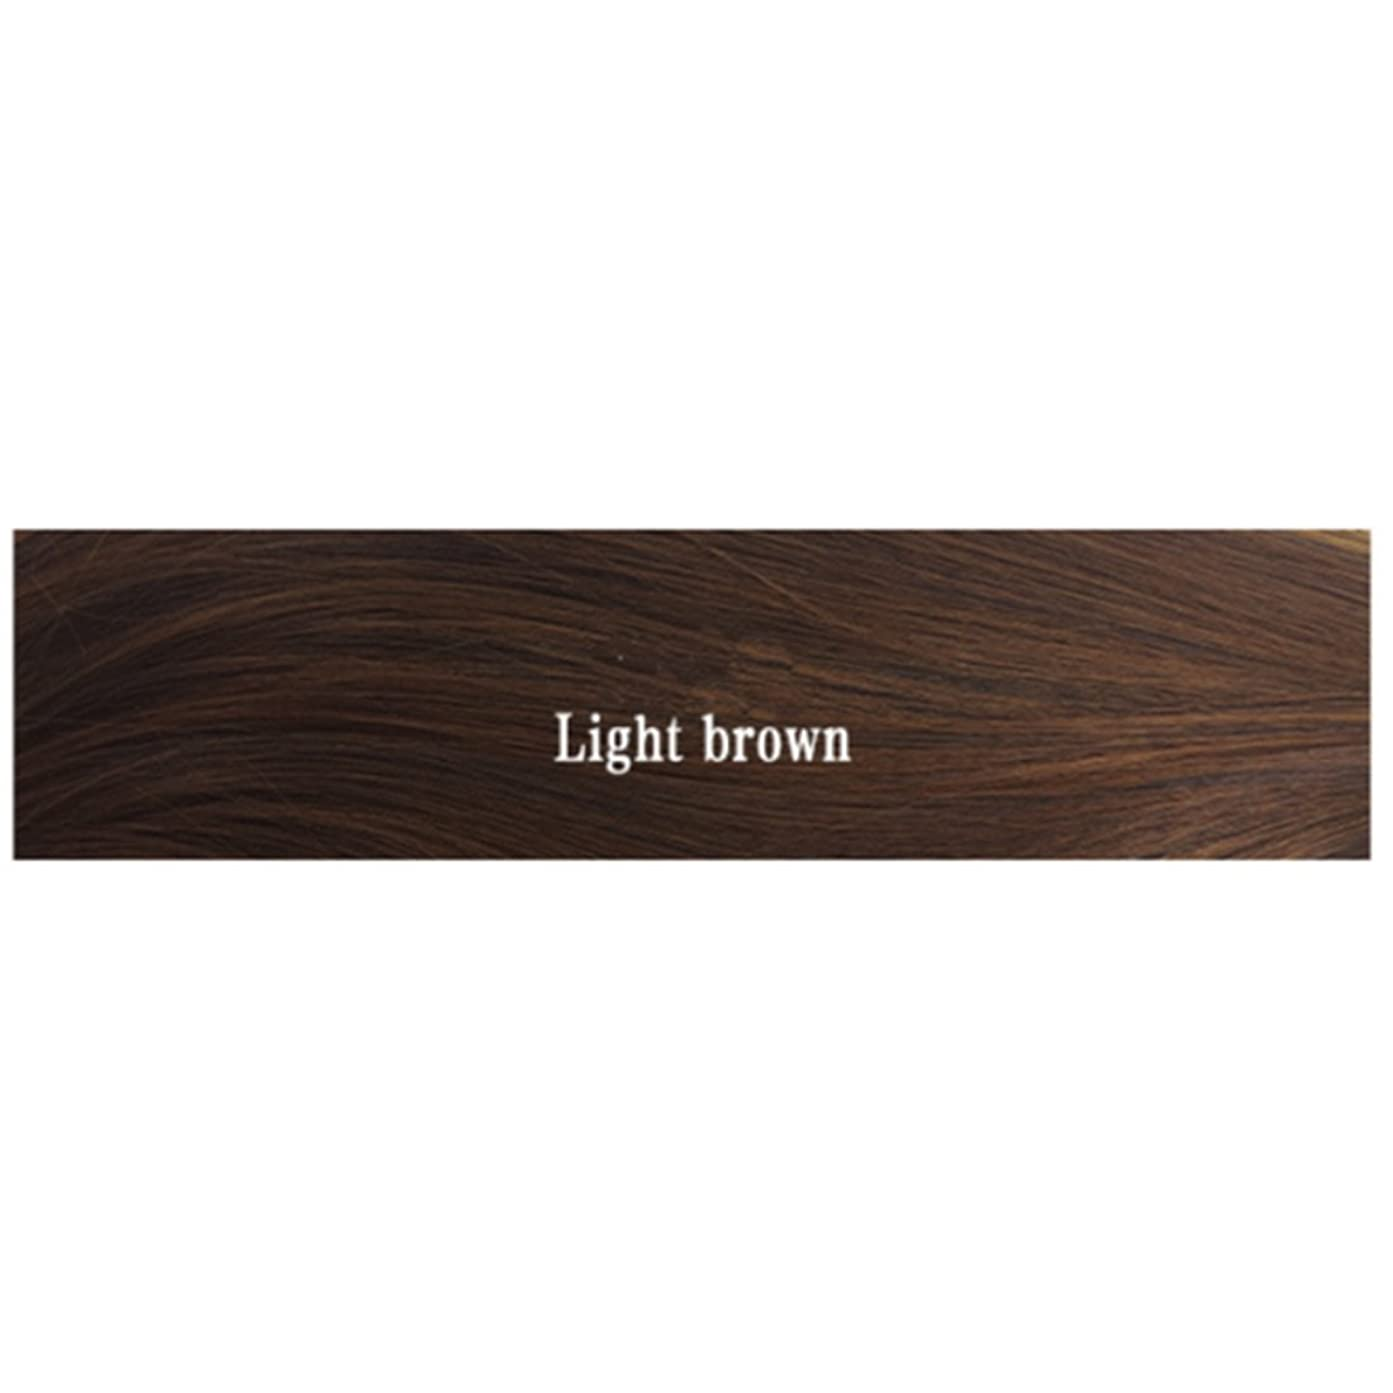 裁量ハーネス世代HOHYLLYA 女性のためのナチュラルカラーウィッグショートボブ合成フルヘアウィッグ耐熱ショートストレートウィッグ女性35センチファッションウィッグ (色 : 淡い茶色)